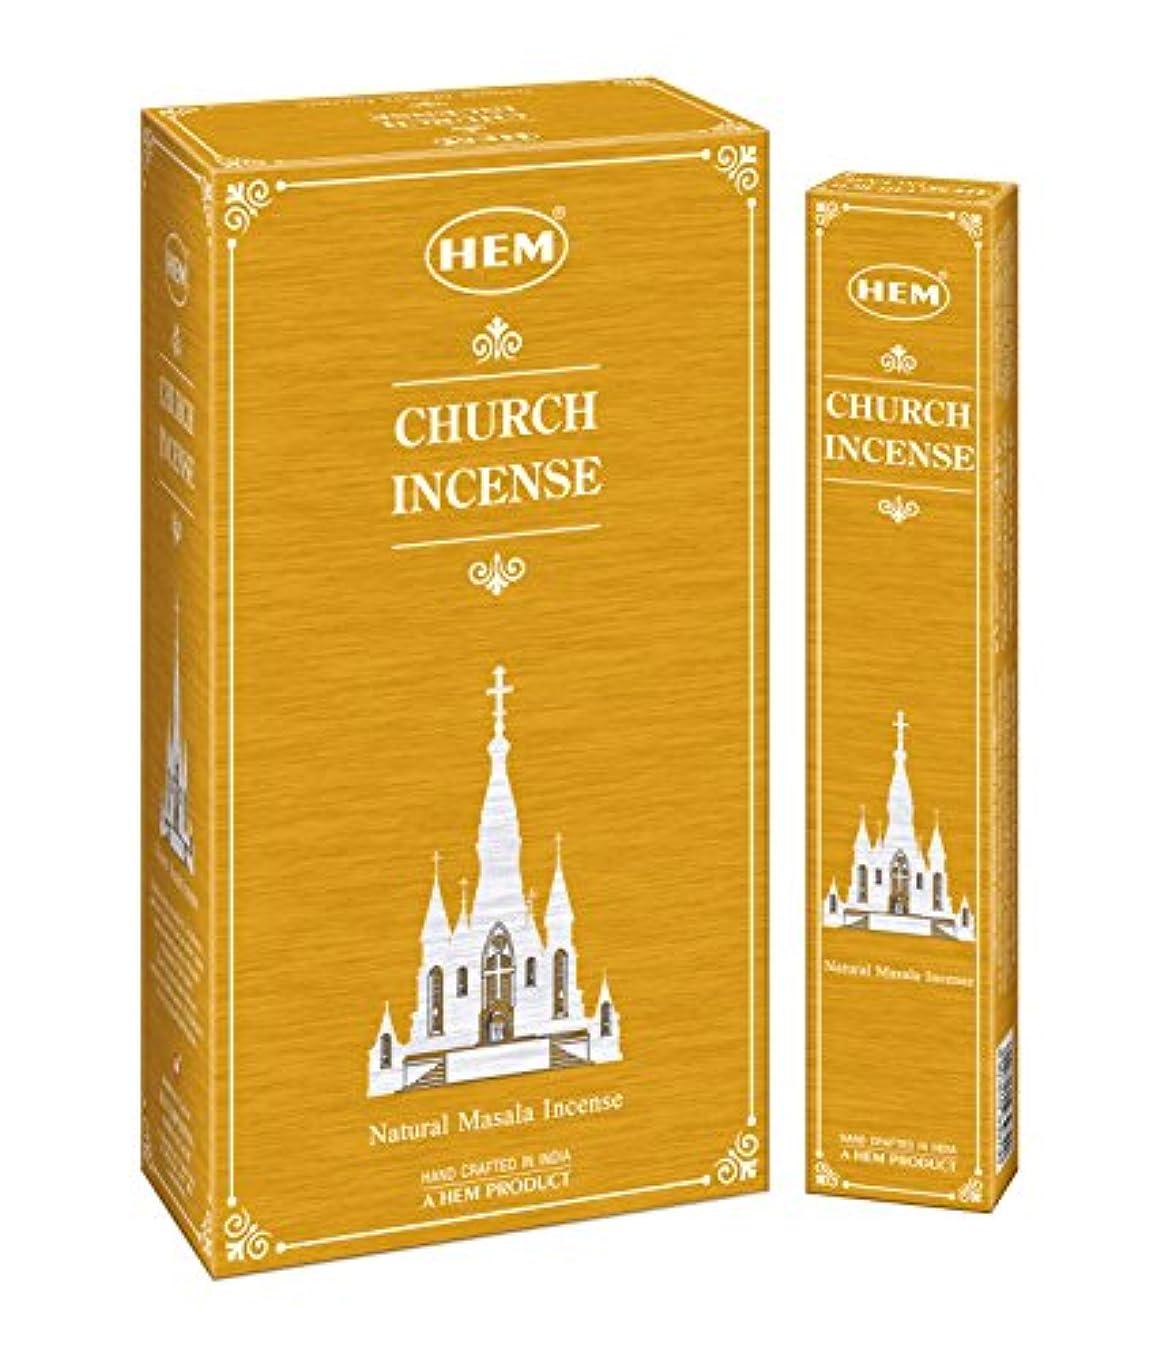 マウスピース心配する前にHemお香新しくLaunched Exclusive Fragrance教会Masala Incense Sticksのセット12ボックス、15グラム各)